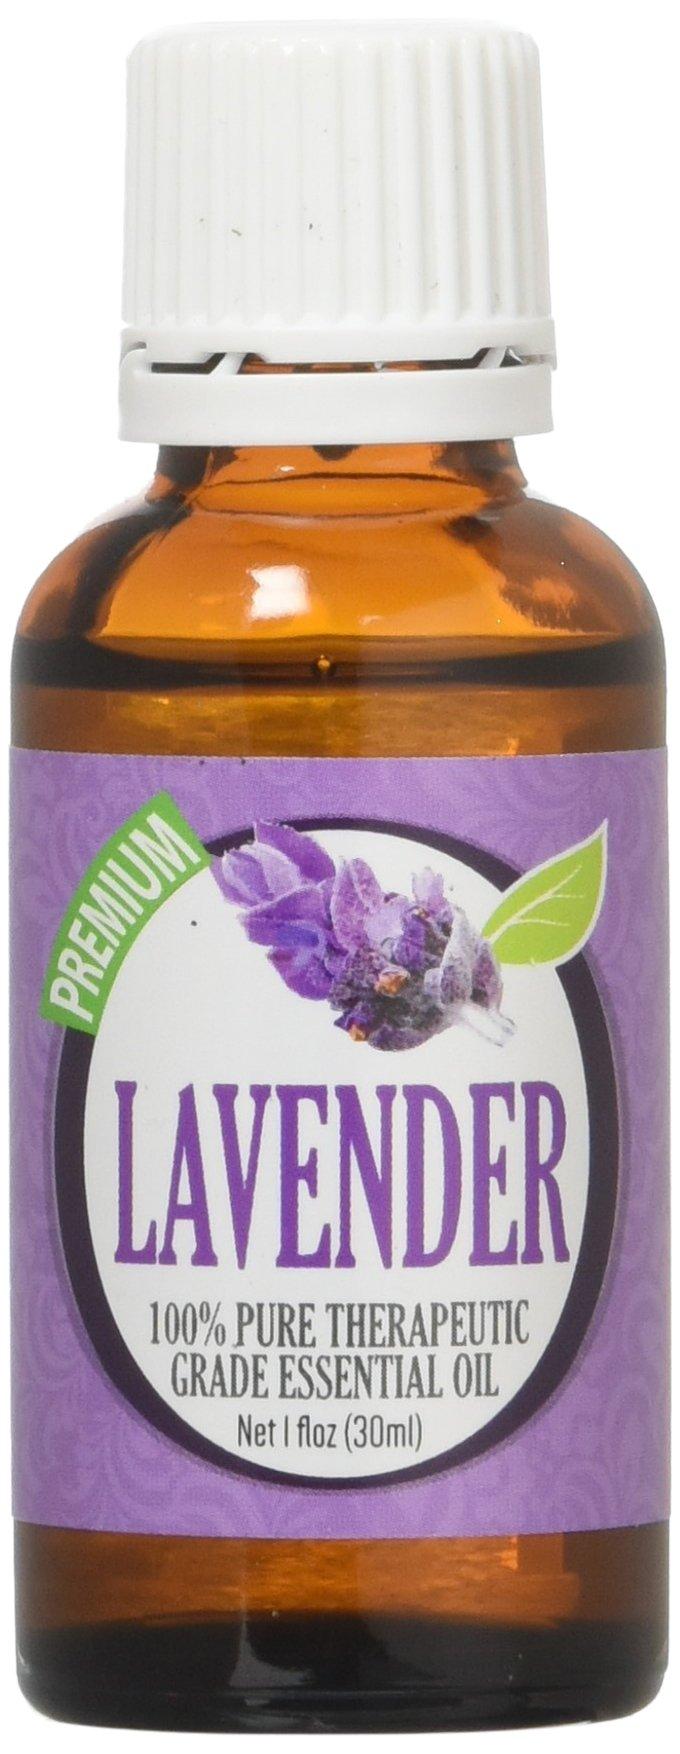 Lavender 100% Pure, Best Therapeutic Grade Essential Oil - 30mL (1oz)